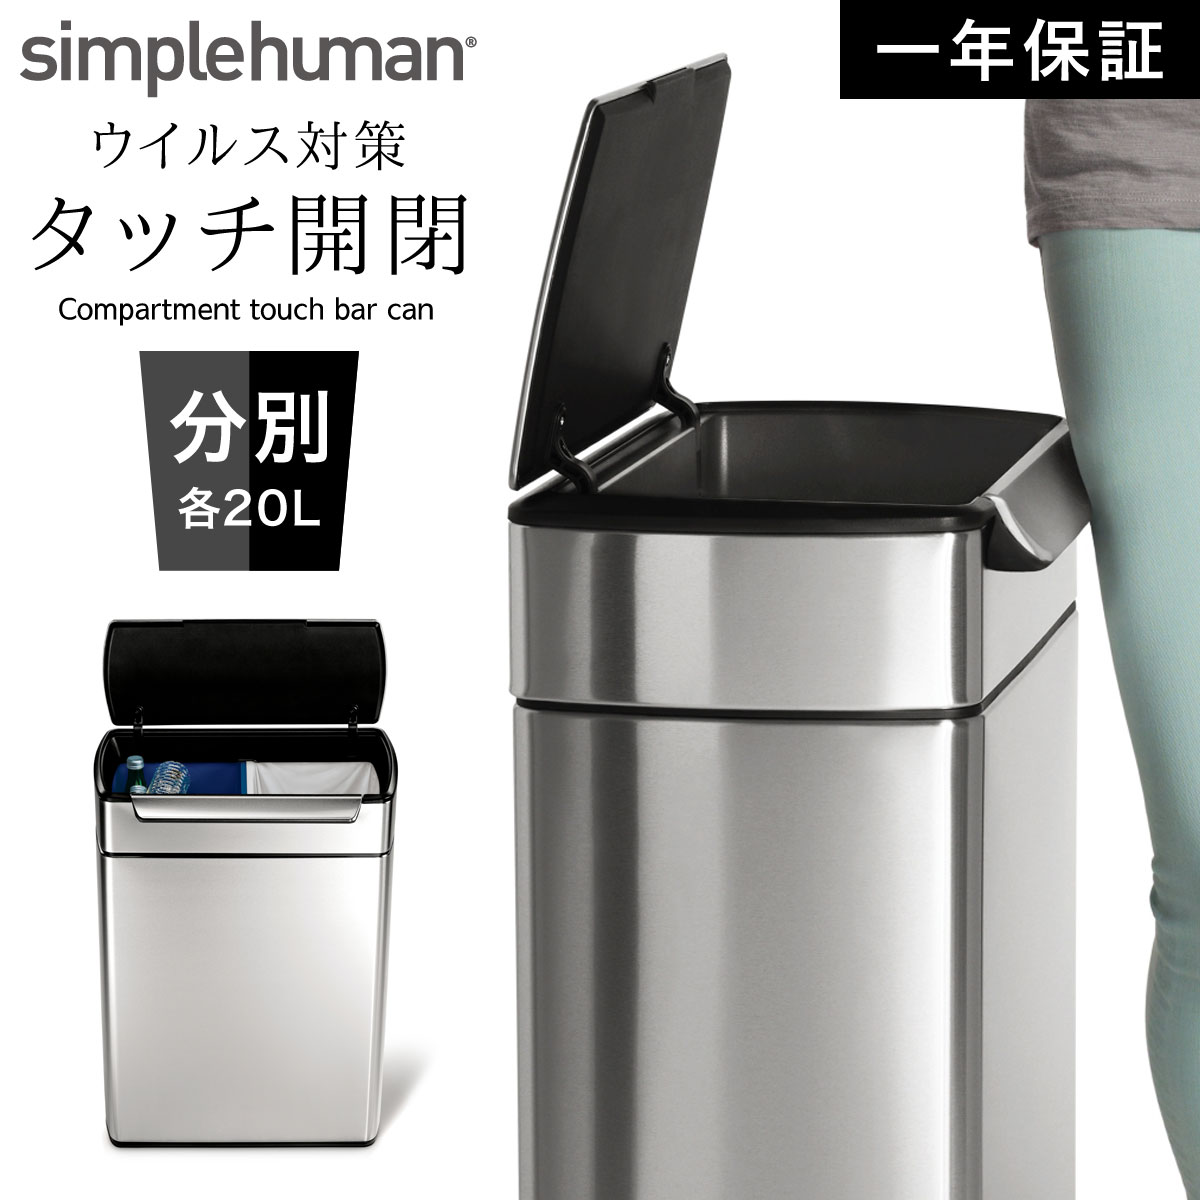 【最大10%OFFクーポン】simplehuman ゴミ箱 ごみ箱 分別 ふた付き おしゃれ ステンレス 48l シンプルヒューマン 分別タッチバーカン 48L 00128 メーカー直送 返品不可